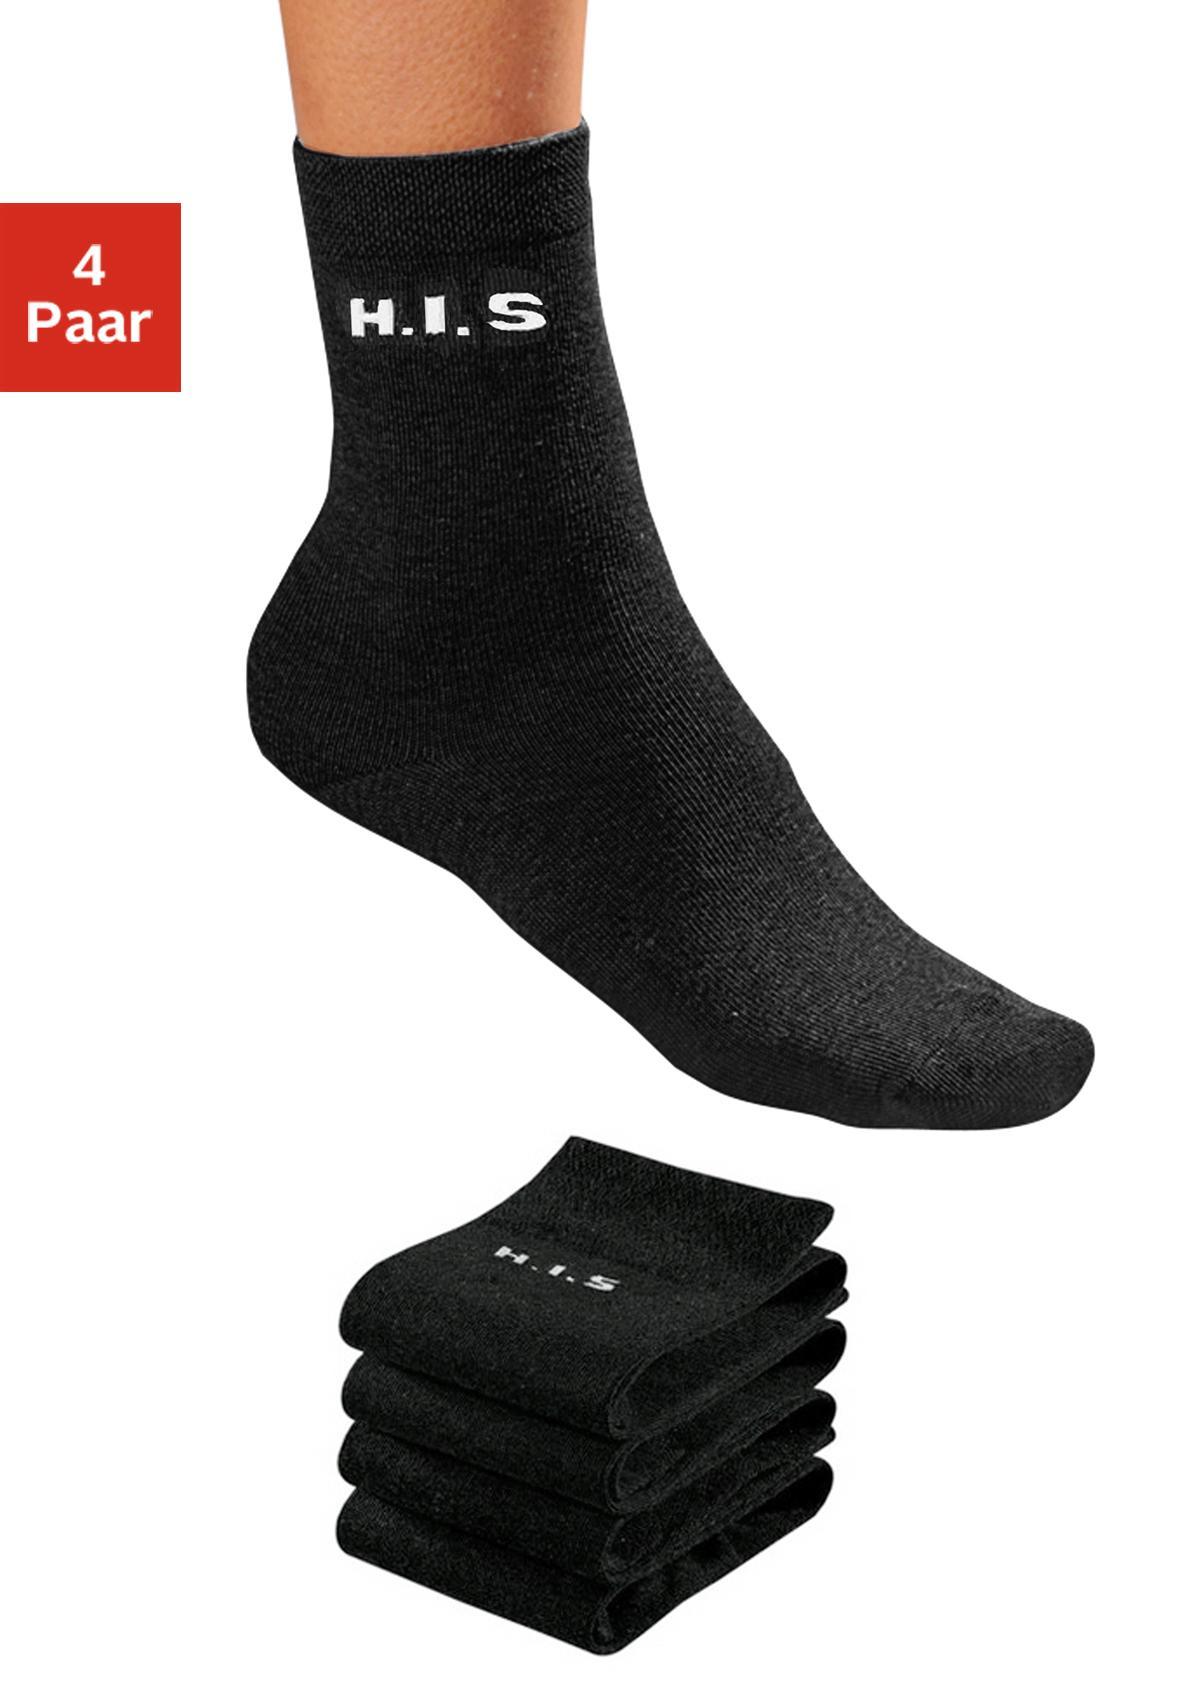 H.I.S Socken (4 Paar) ohne einschneidendes Bündchen